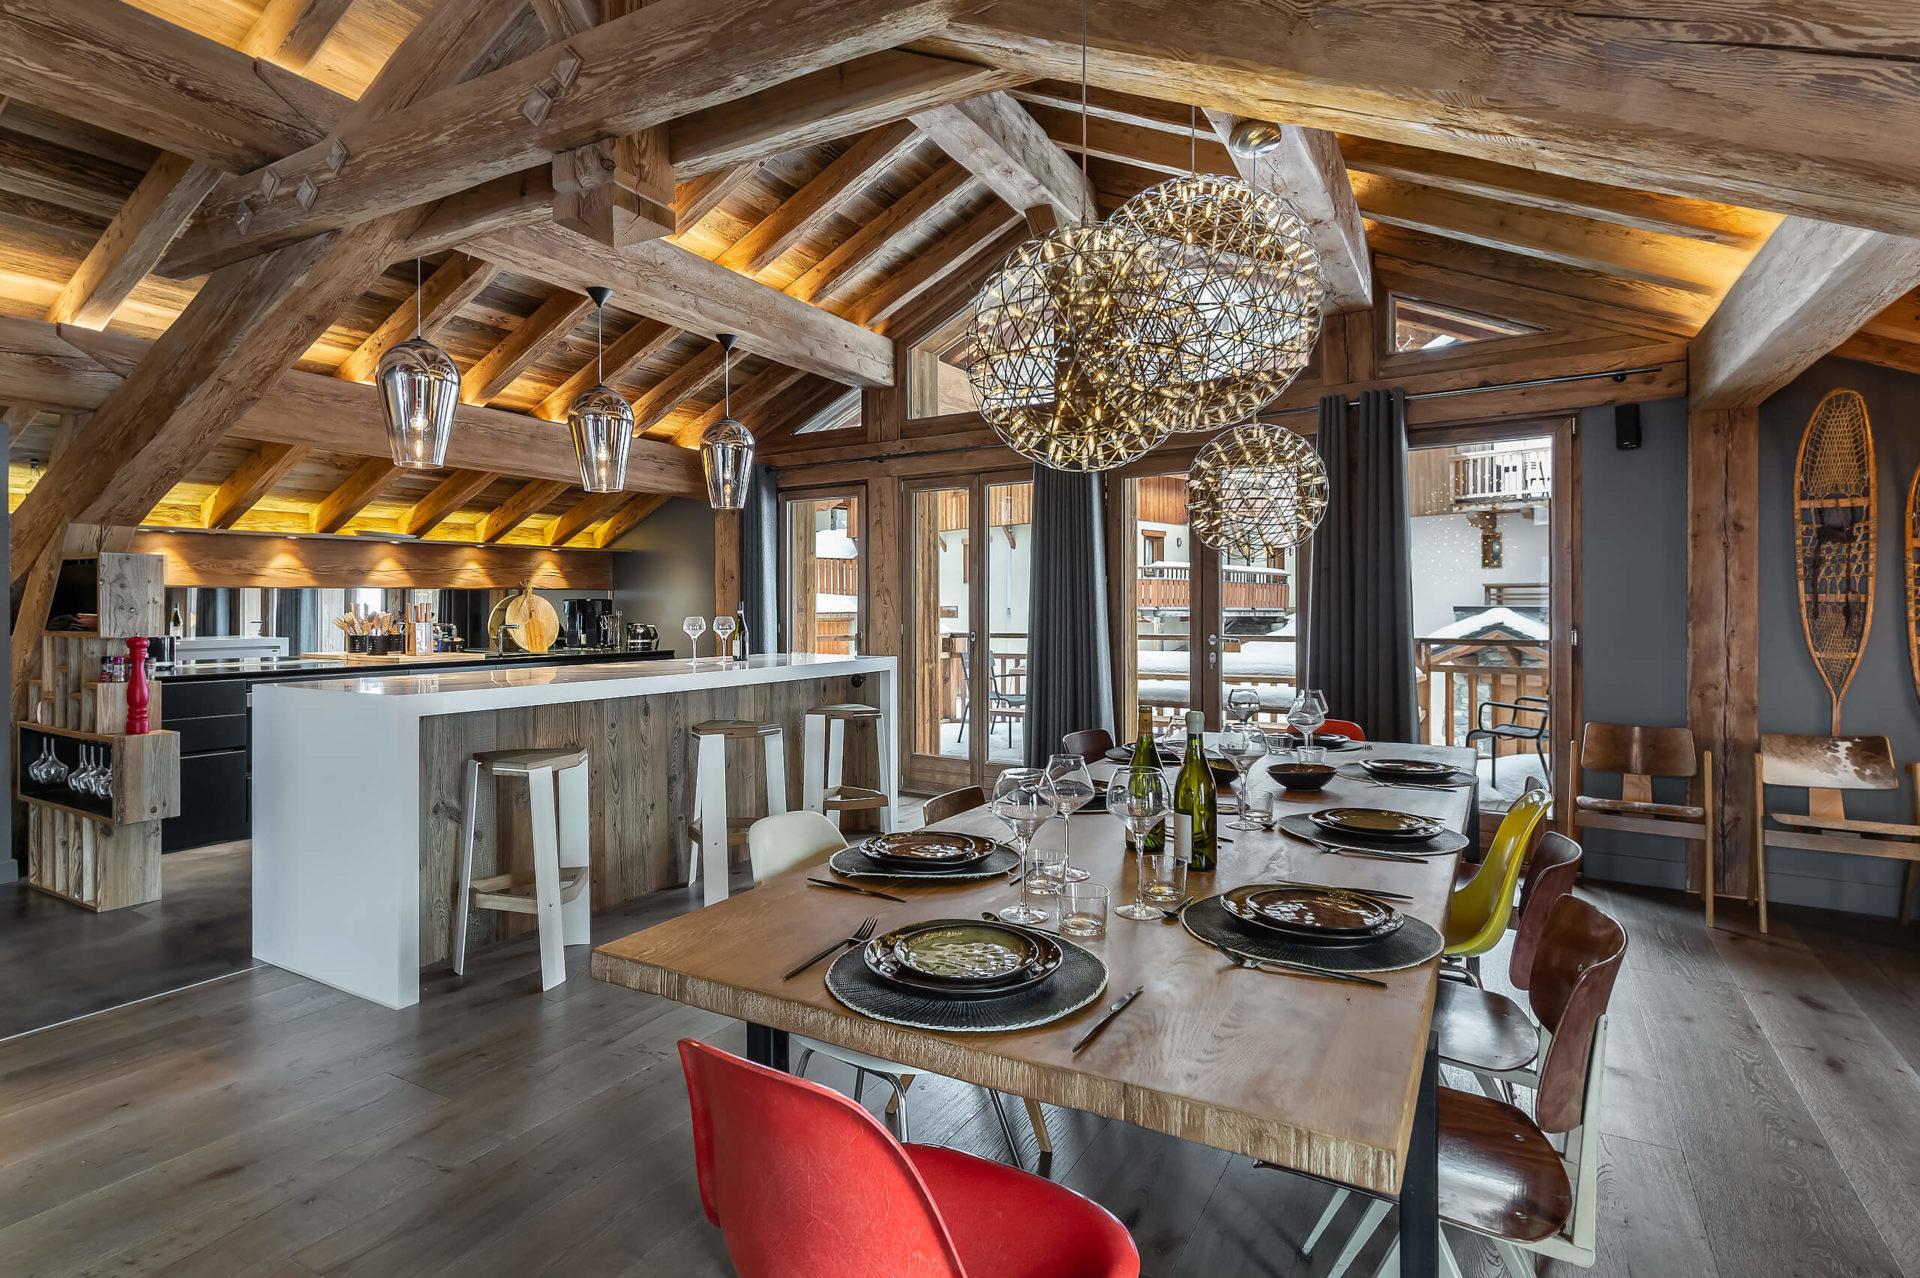 Ferme de 1779 - salle à manger 1 / Saint Martin de Belleville, Savoie